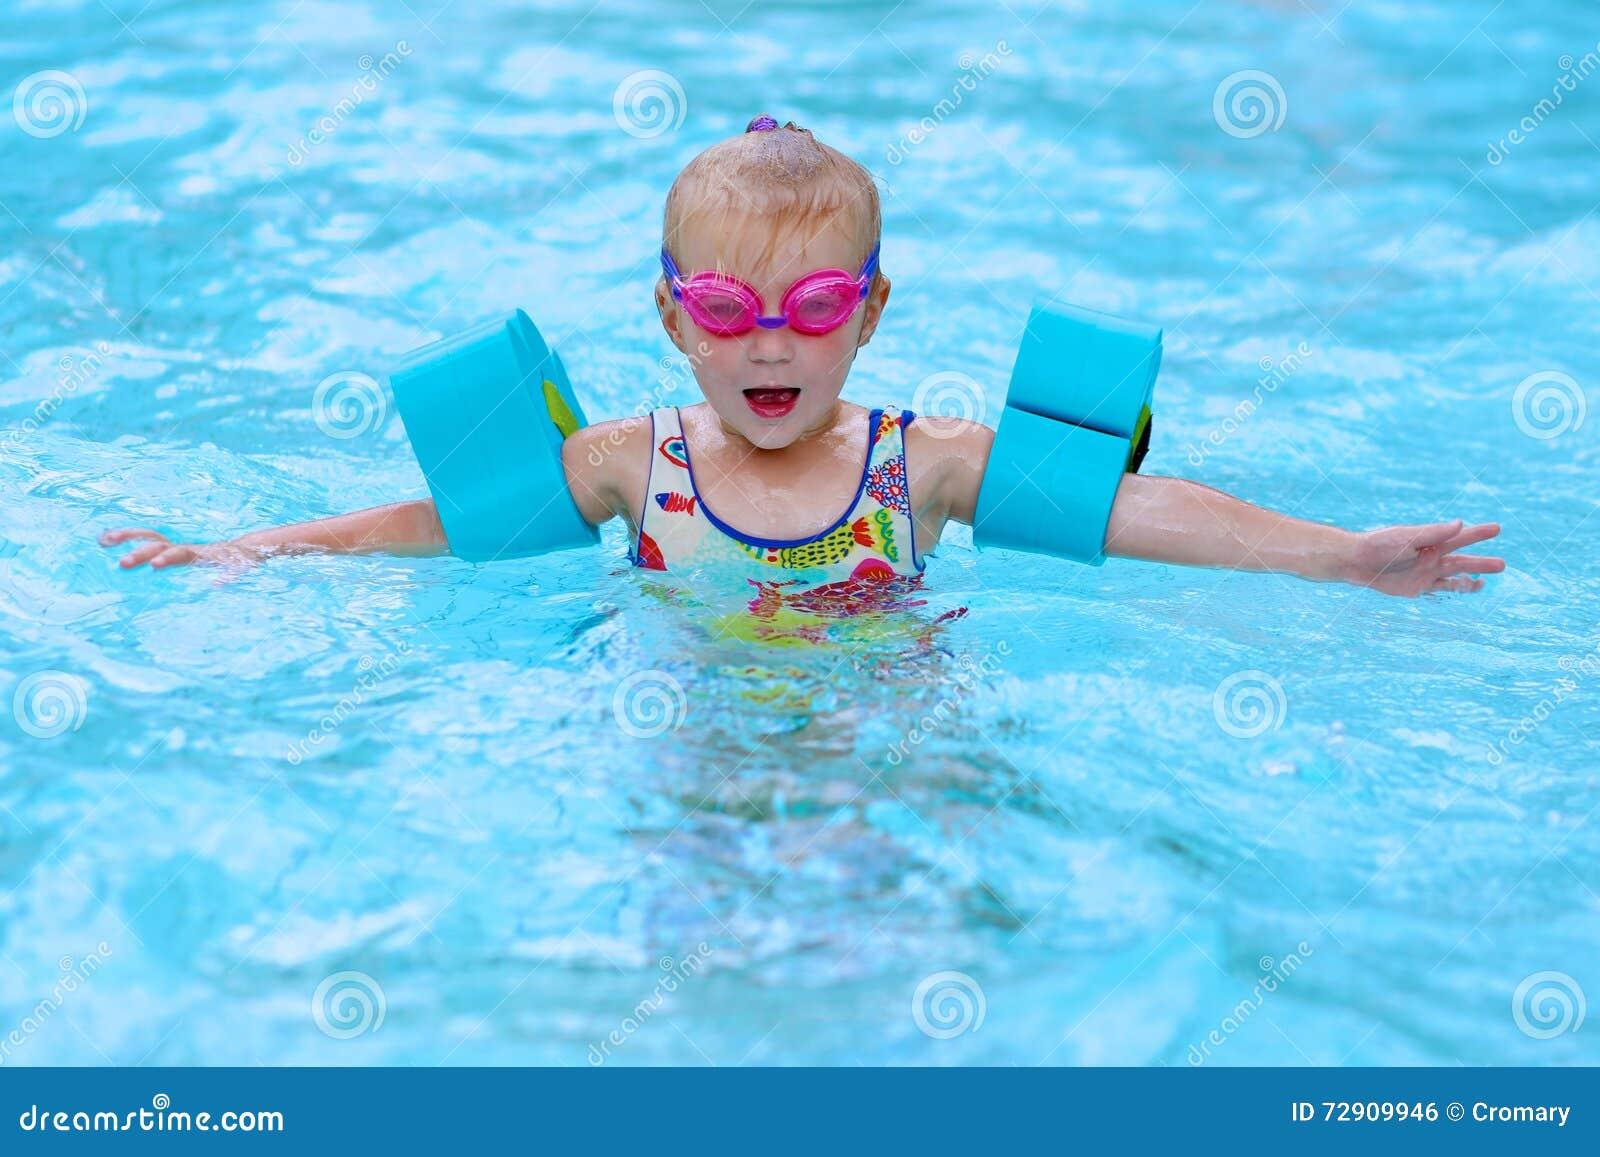 Piccolo nuoto felice della ragazza nello stagno fotografia for Piccolo stagno